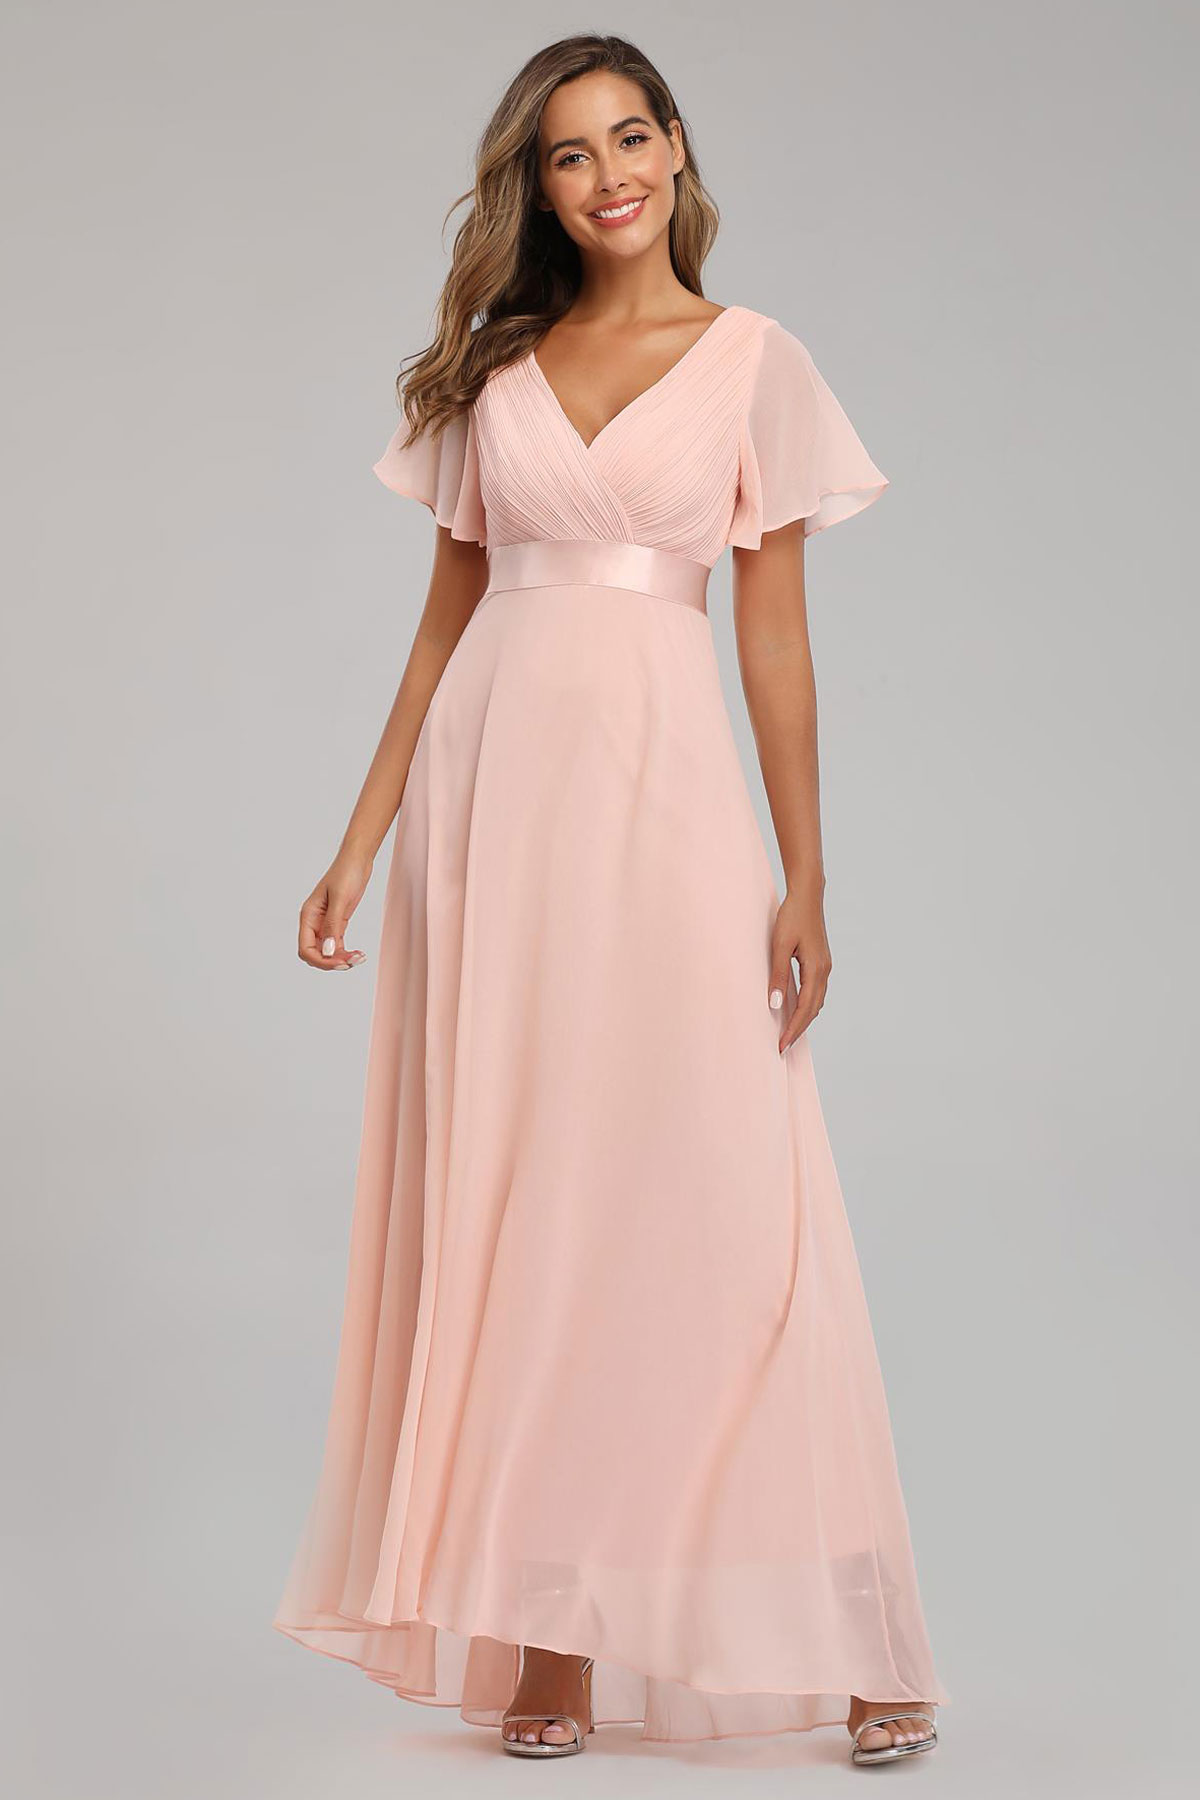 robe de soirée longue simple rose encolure v plissé manches évasées